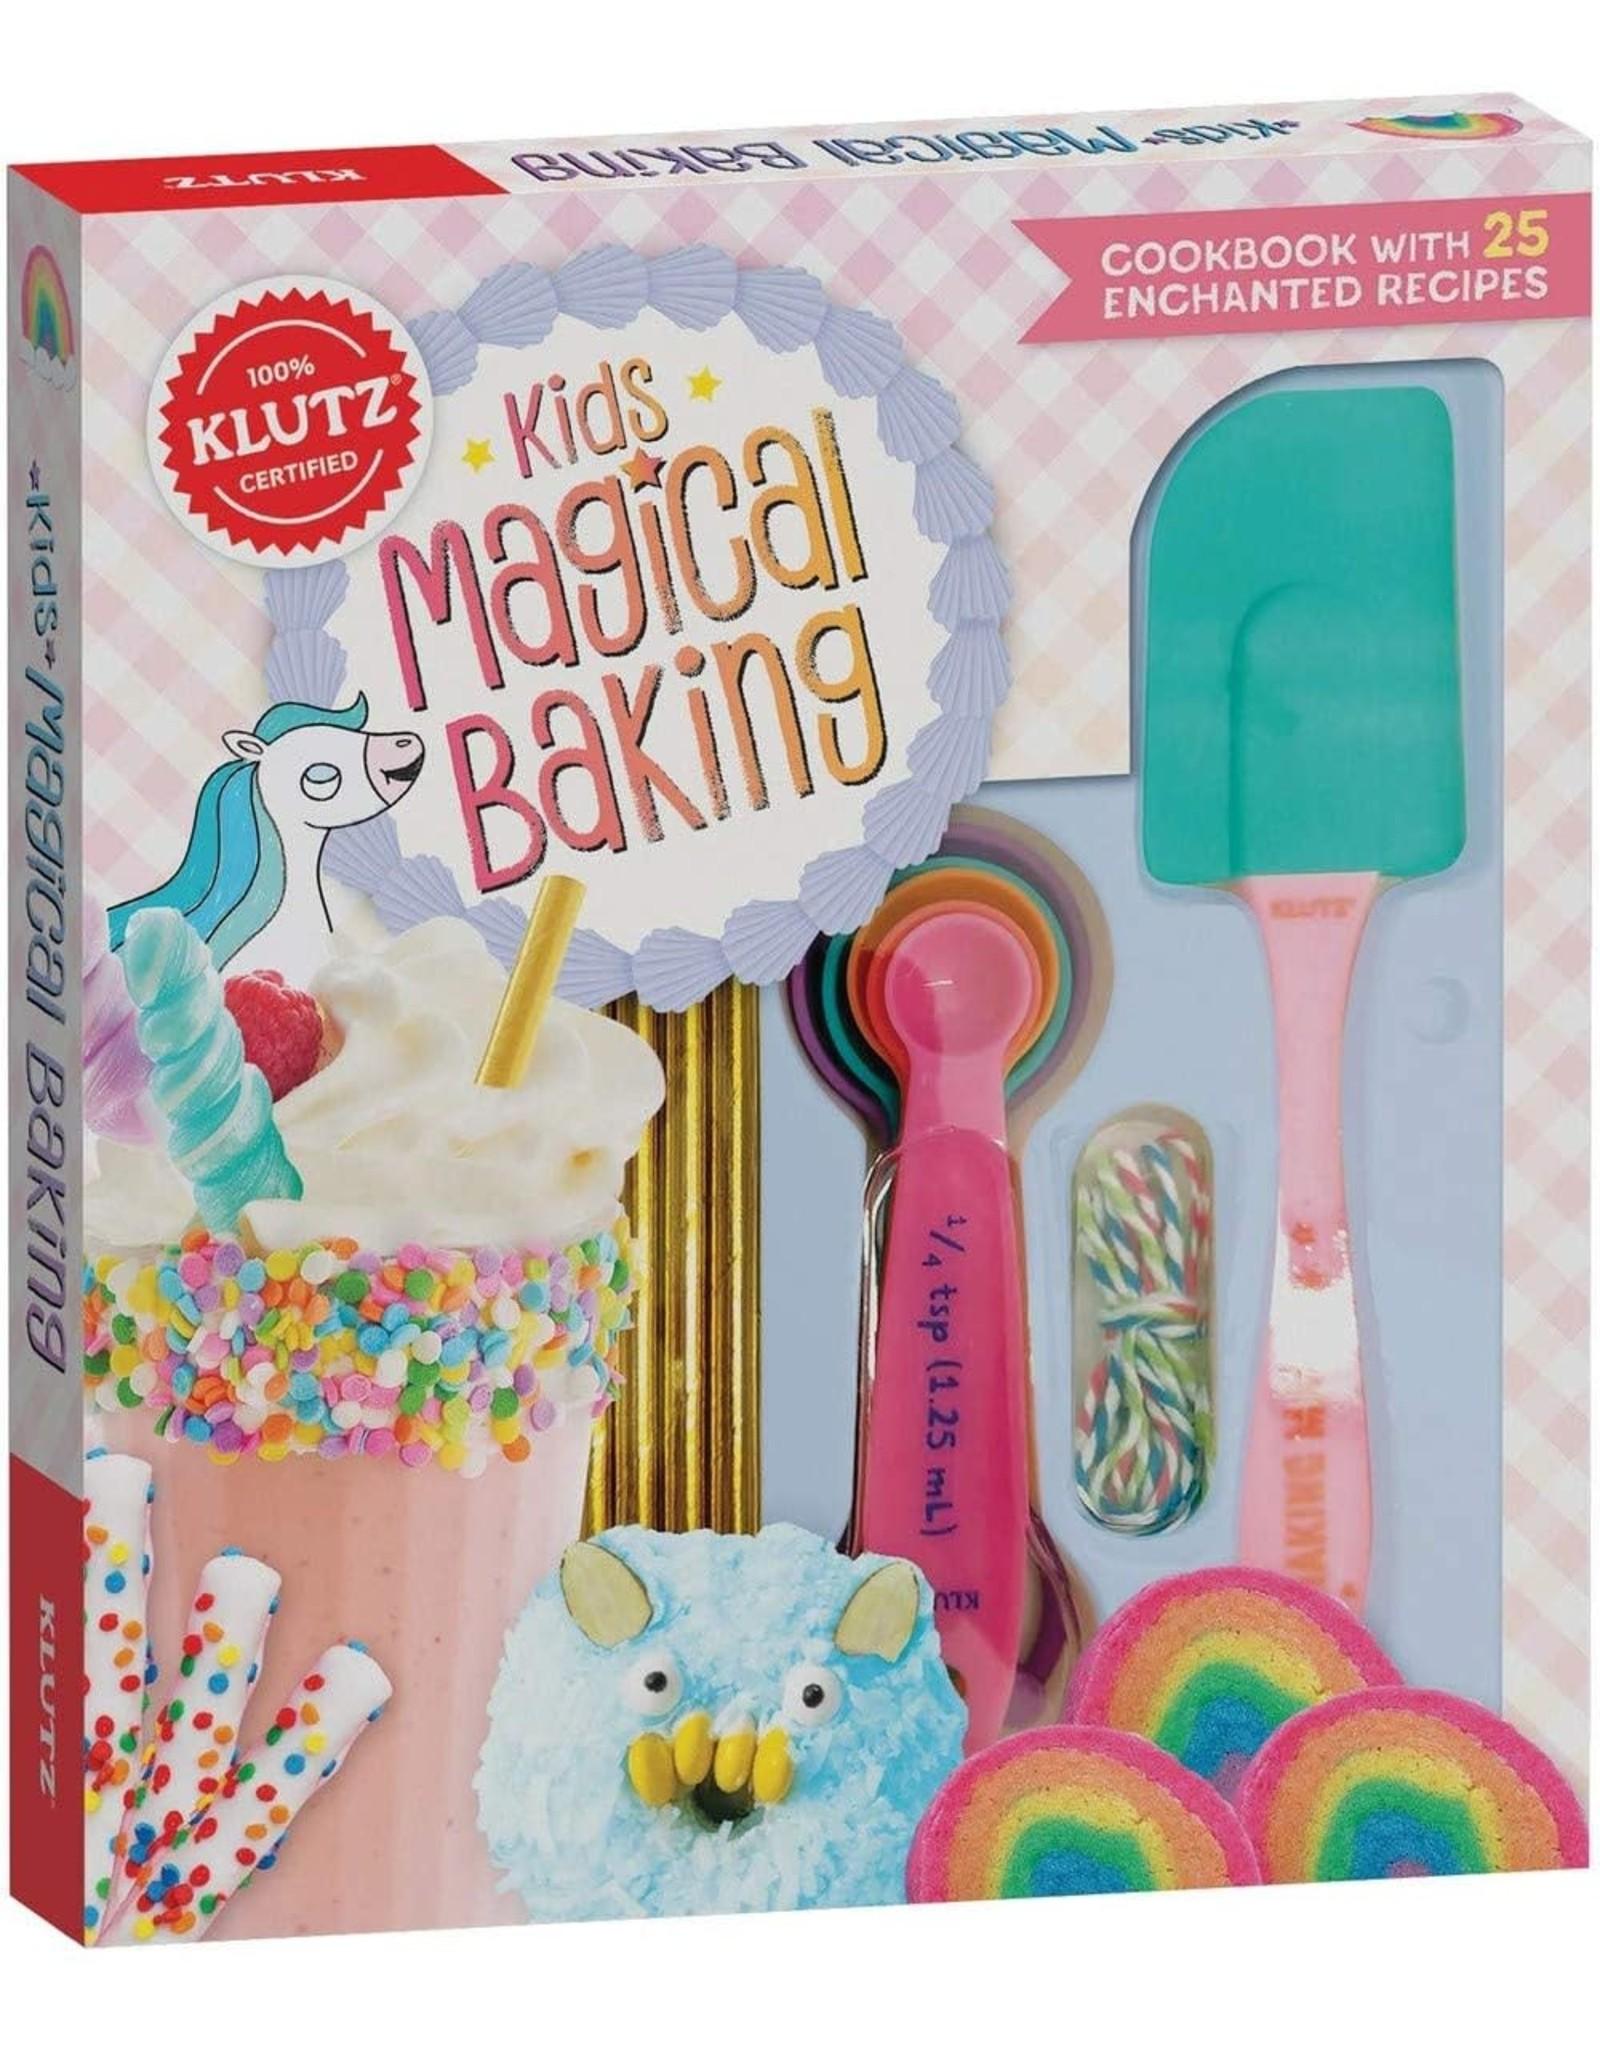 Klutz Kids Magical Baking